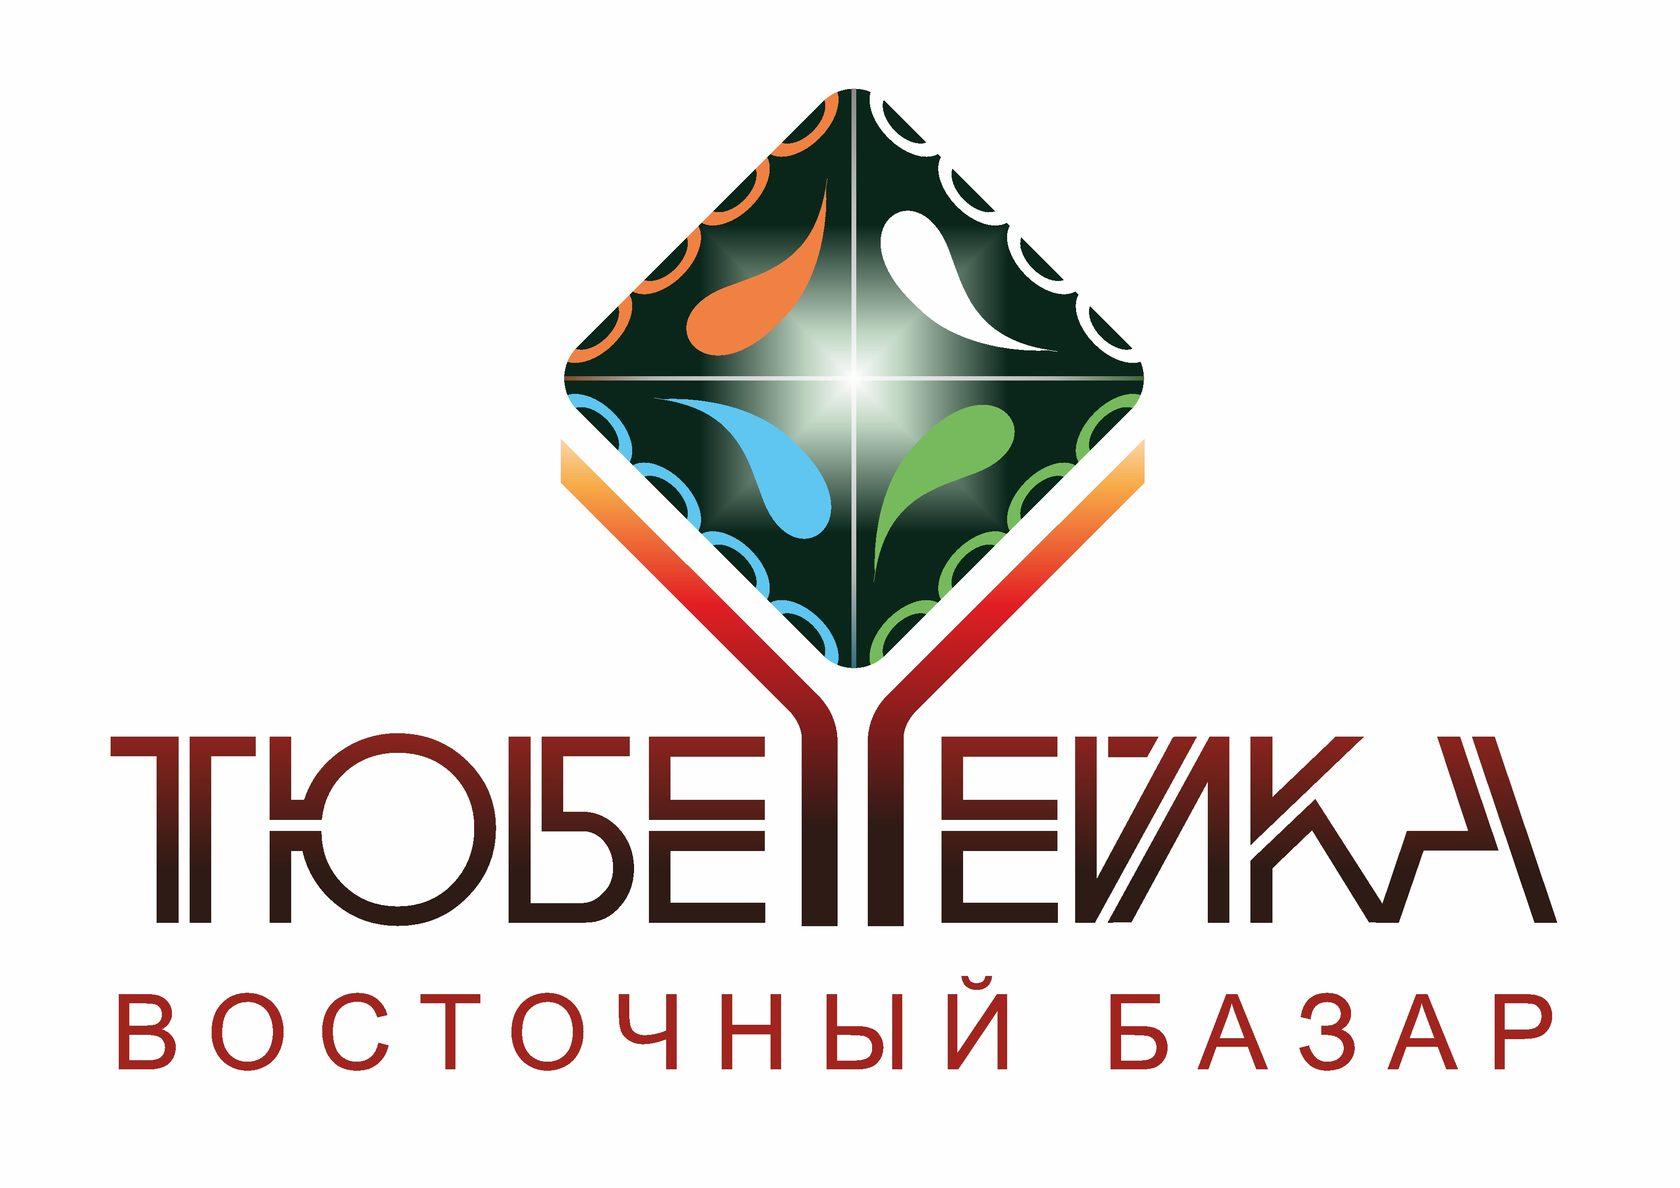 TubeteikaFest 2020